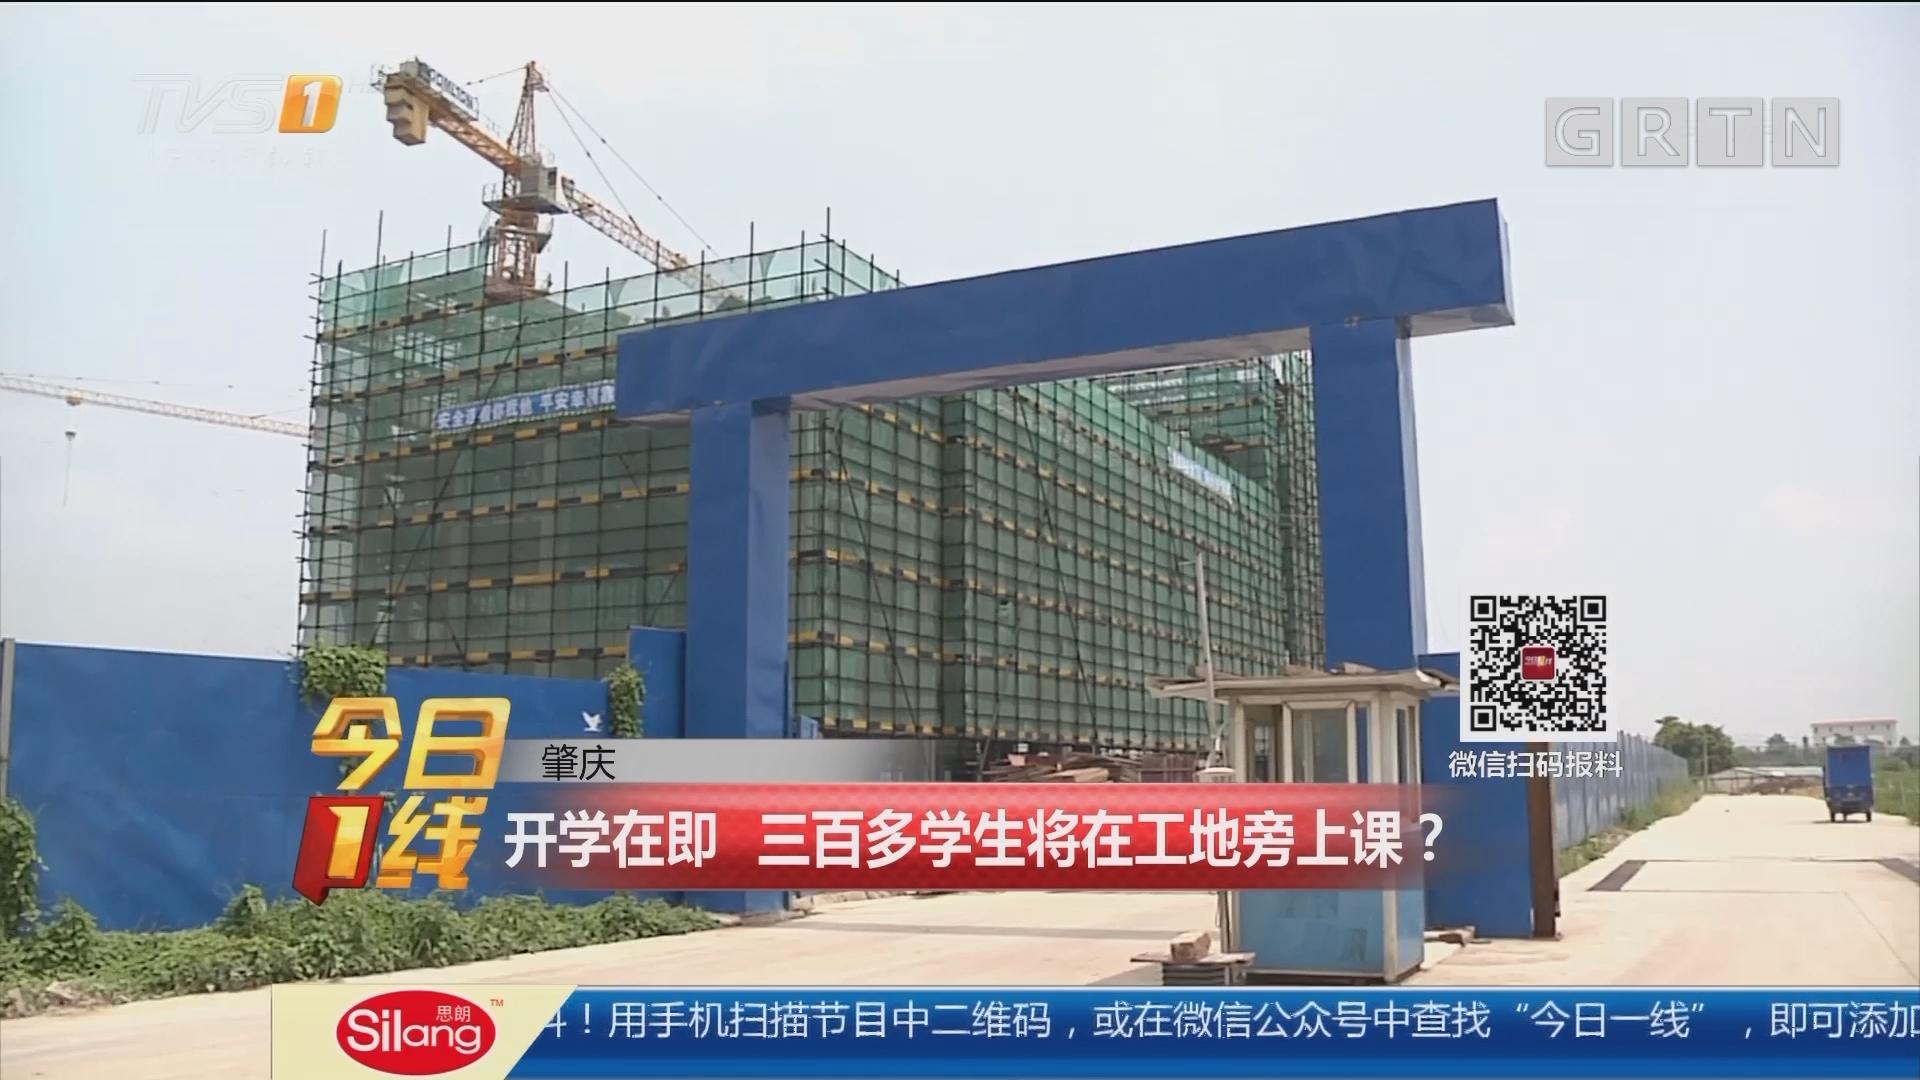 肇庆:开学在即 三百多学生将在工地旁上课?